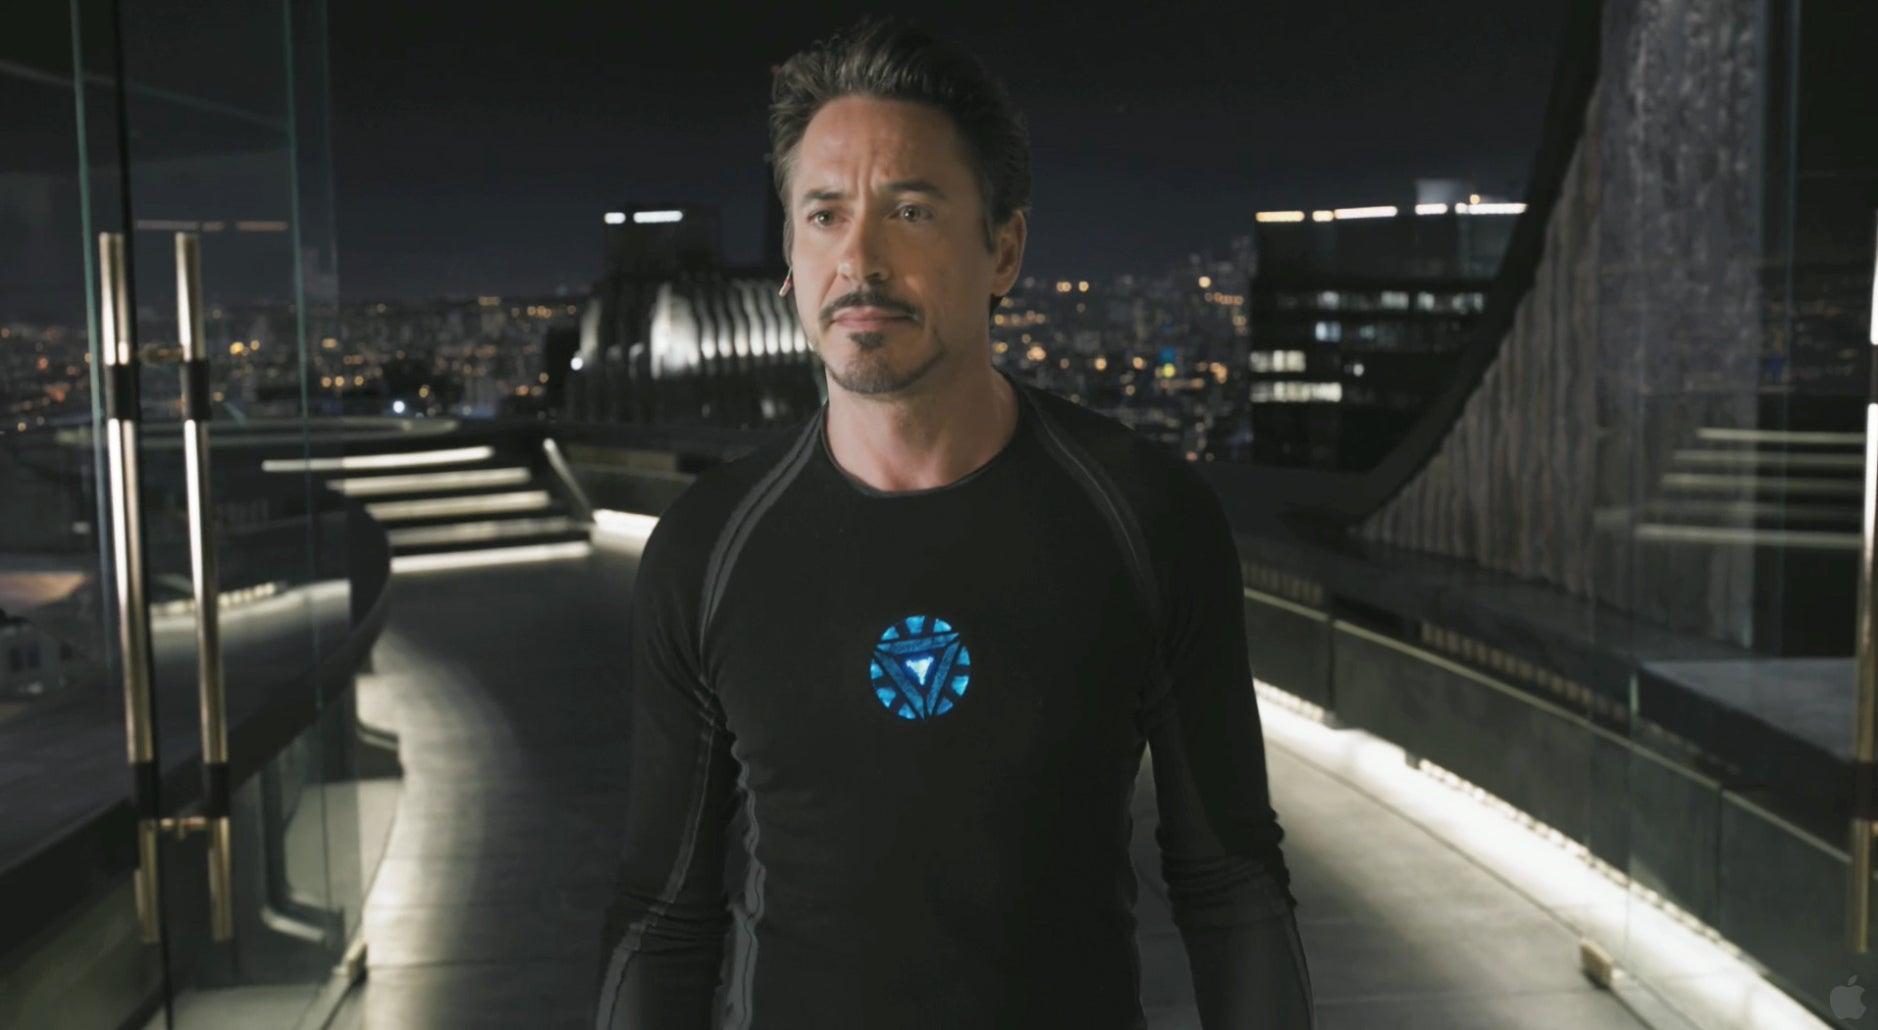 Robert-Downey-Jr-The-Avengers-Iron-Man